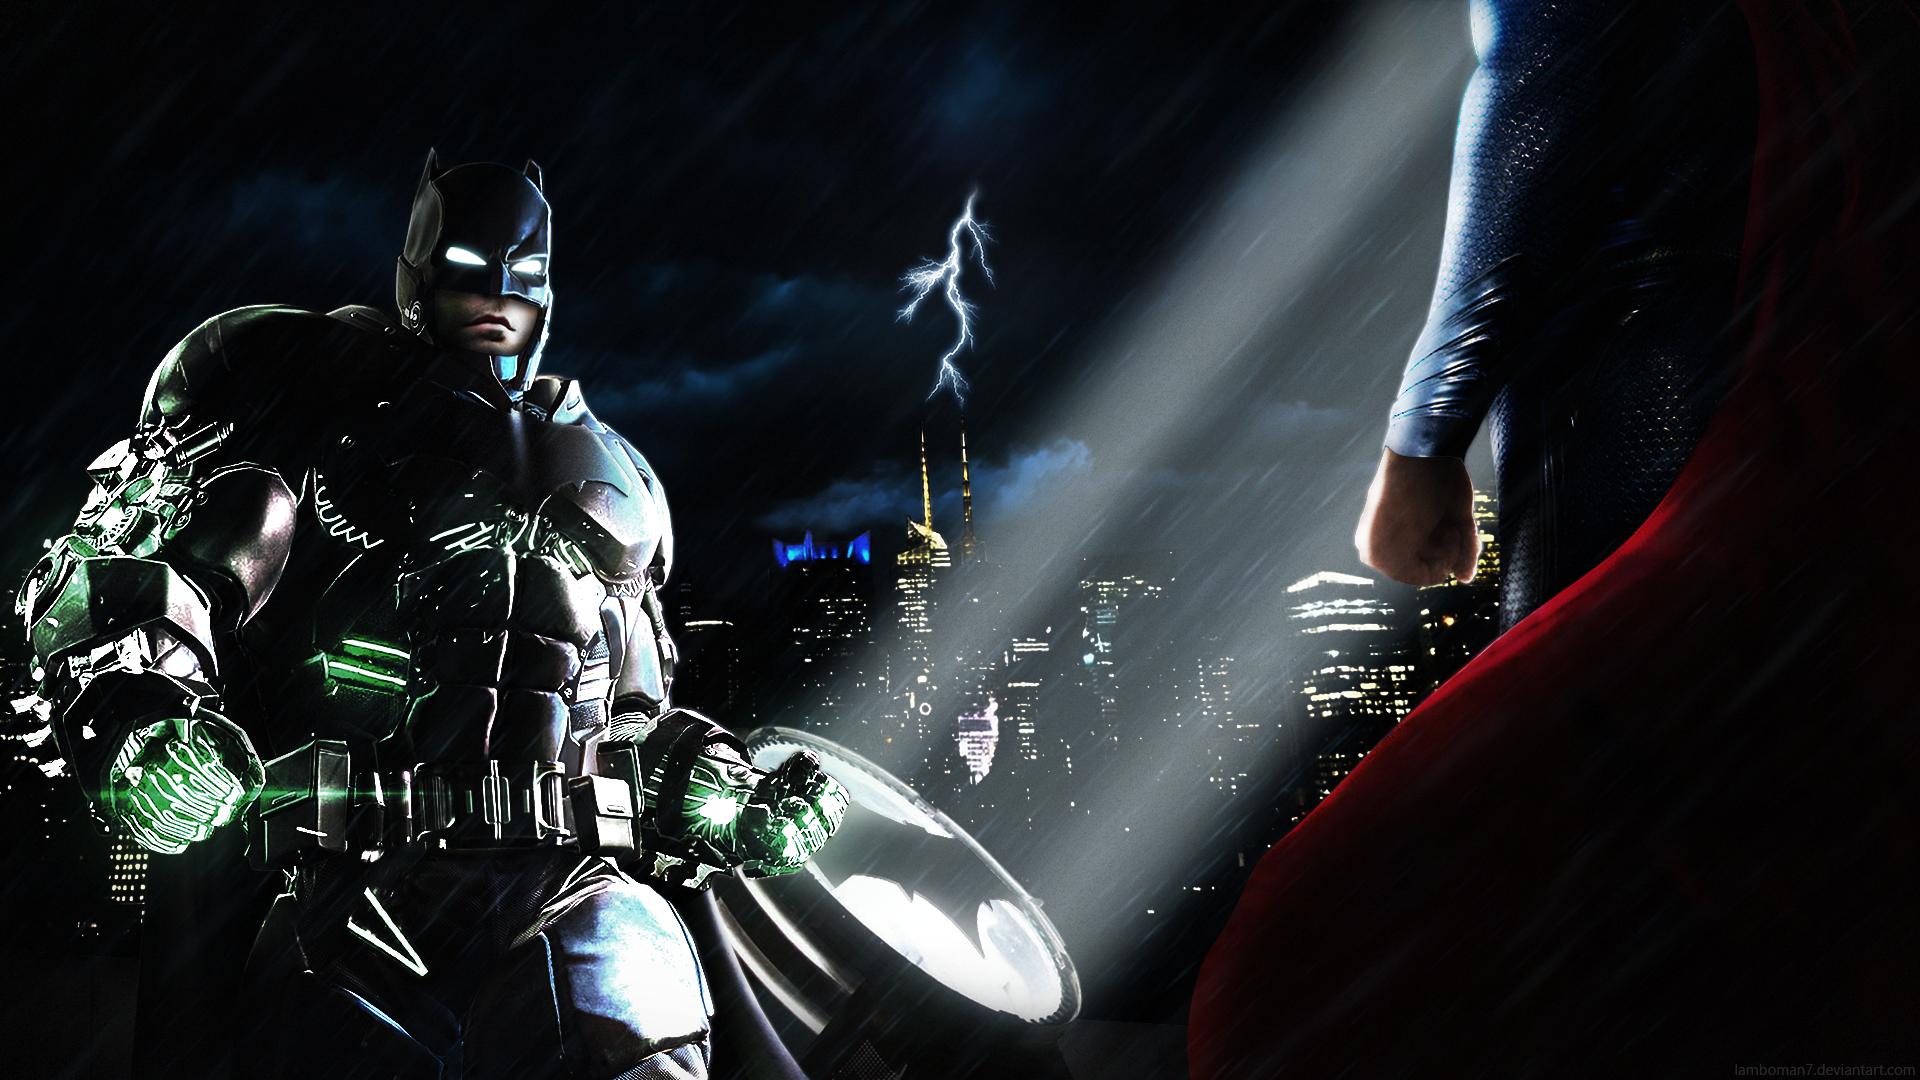 Batman V Superman Showdown PosterWallpaper By LamboMan7 On 1920x1080